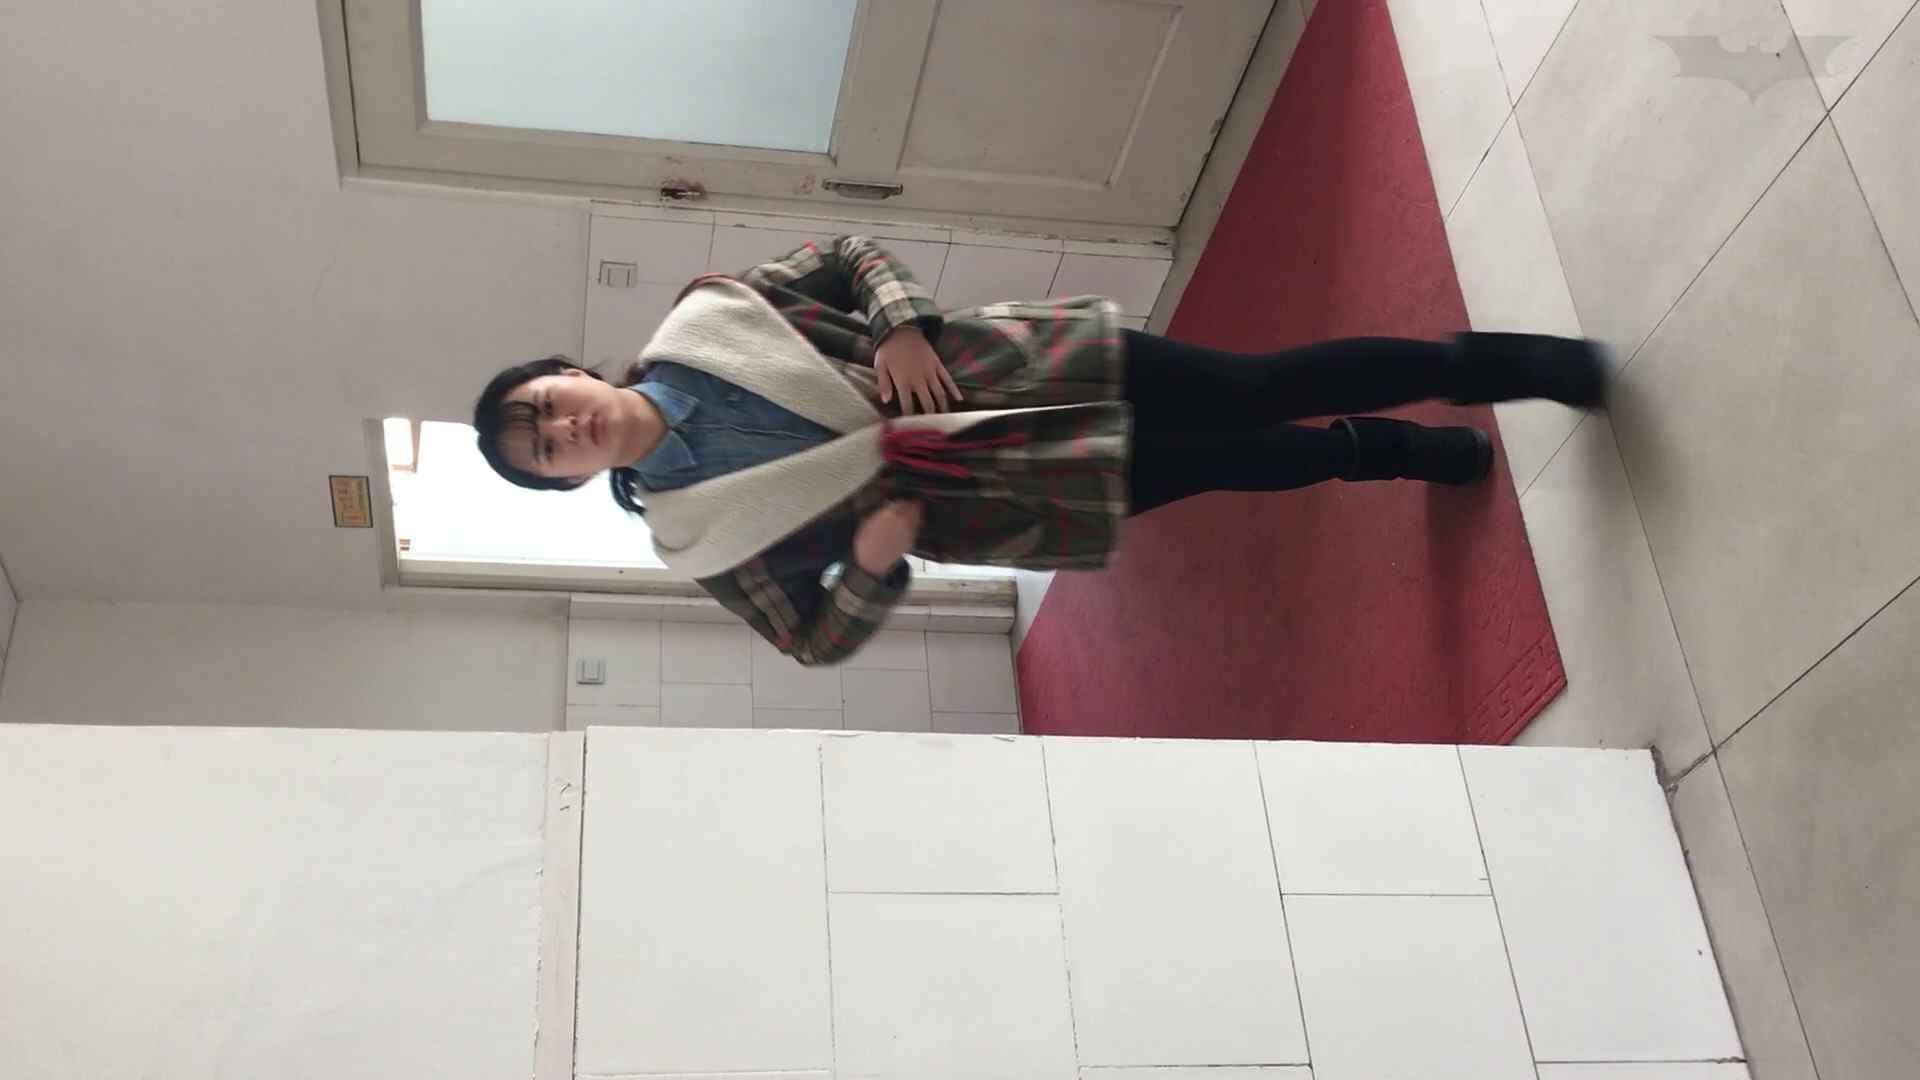 芸術大学ガチ潜入盗撮 JD盗撮 美女の洗面所の秘密 Vol.91 トイレ  84pic 38